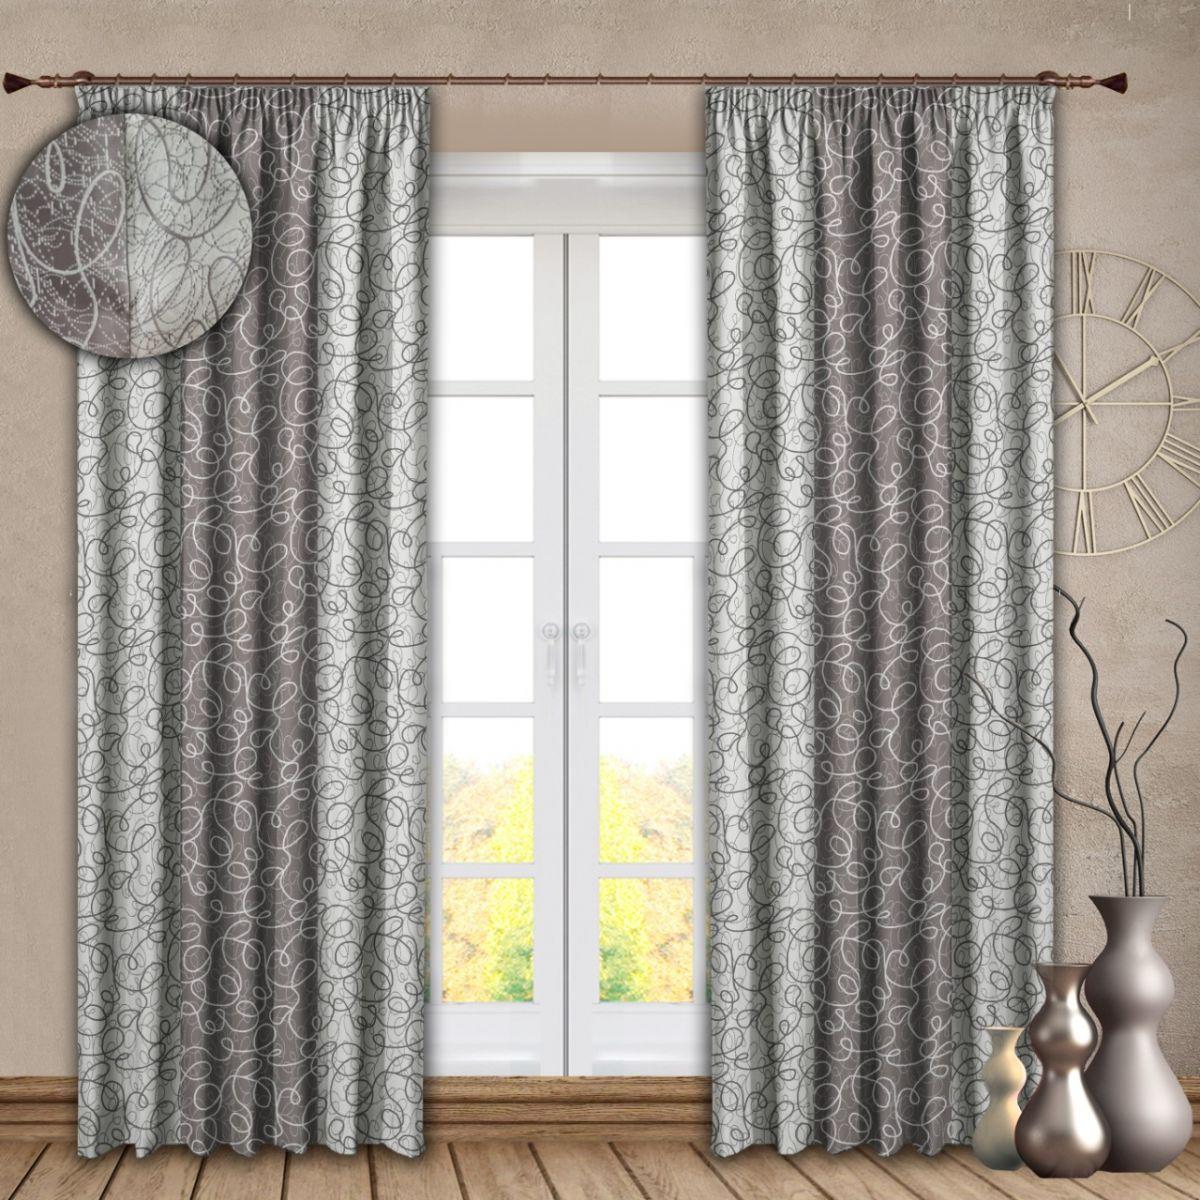 Комплект штор № 121, (270*180)х2, серебро. Блэк-аут (комбинированный) с рисунком